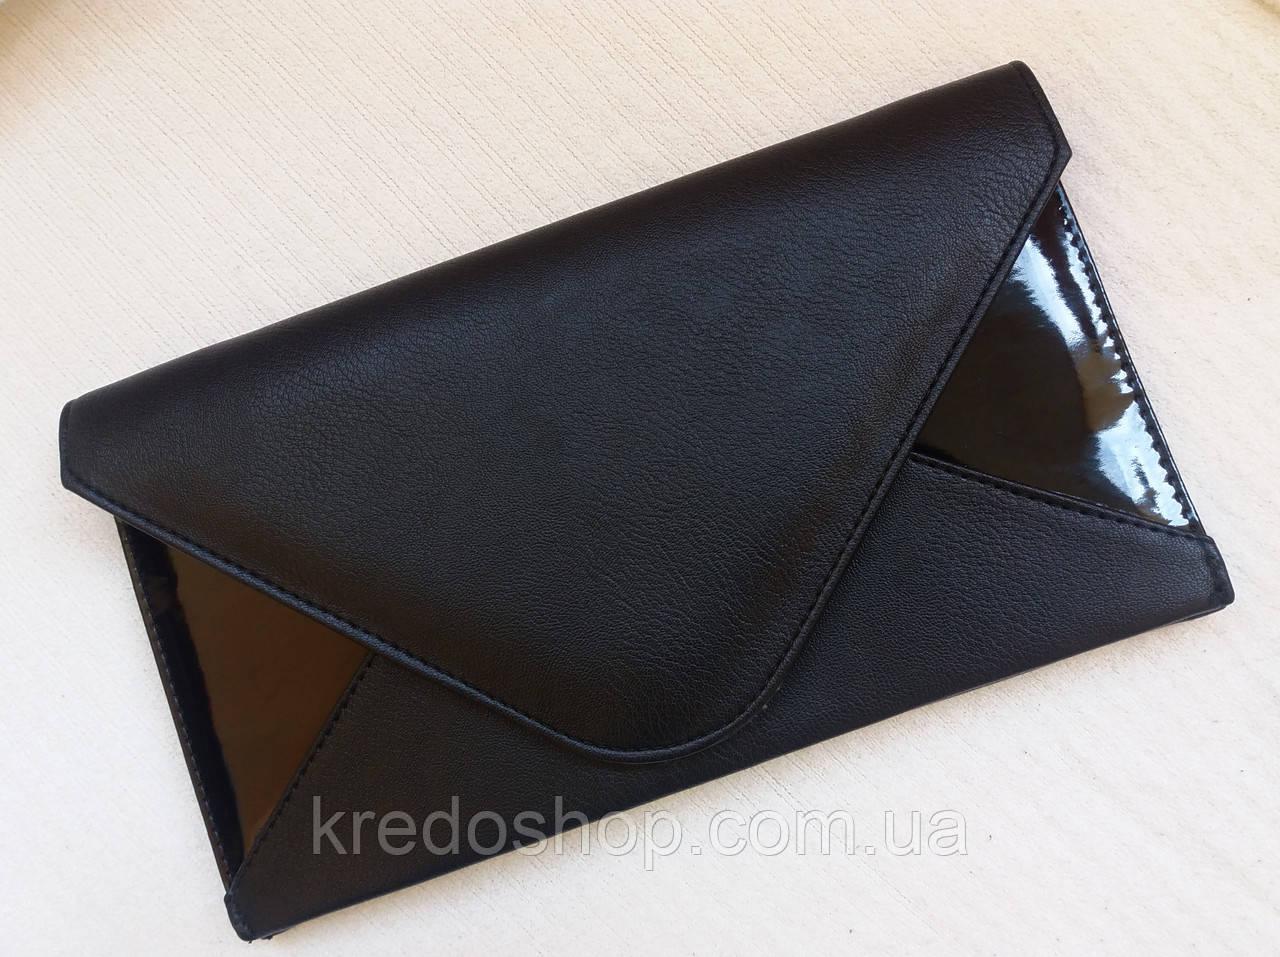 1f7813835b9d Женский клатч черный стильный для торжества (Турция) - Интернет-магазин  сумок и аксессуаров